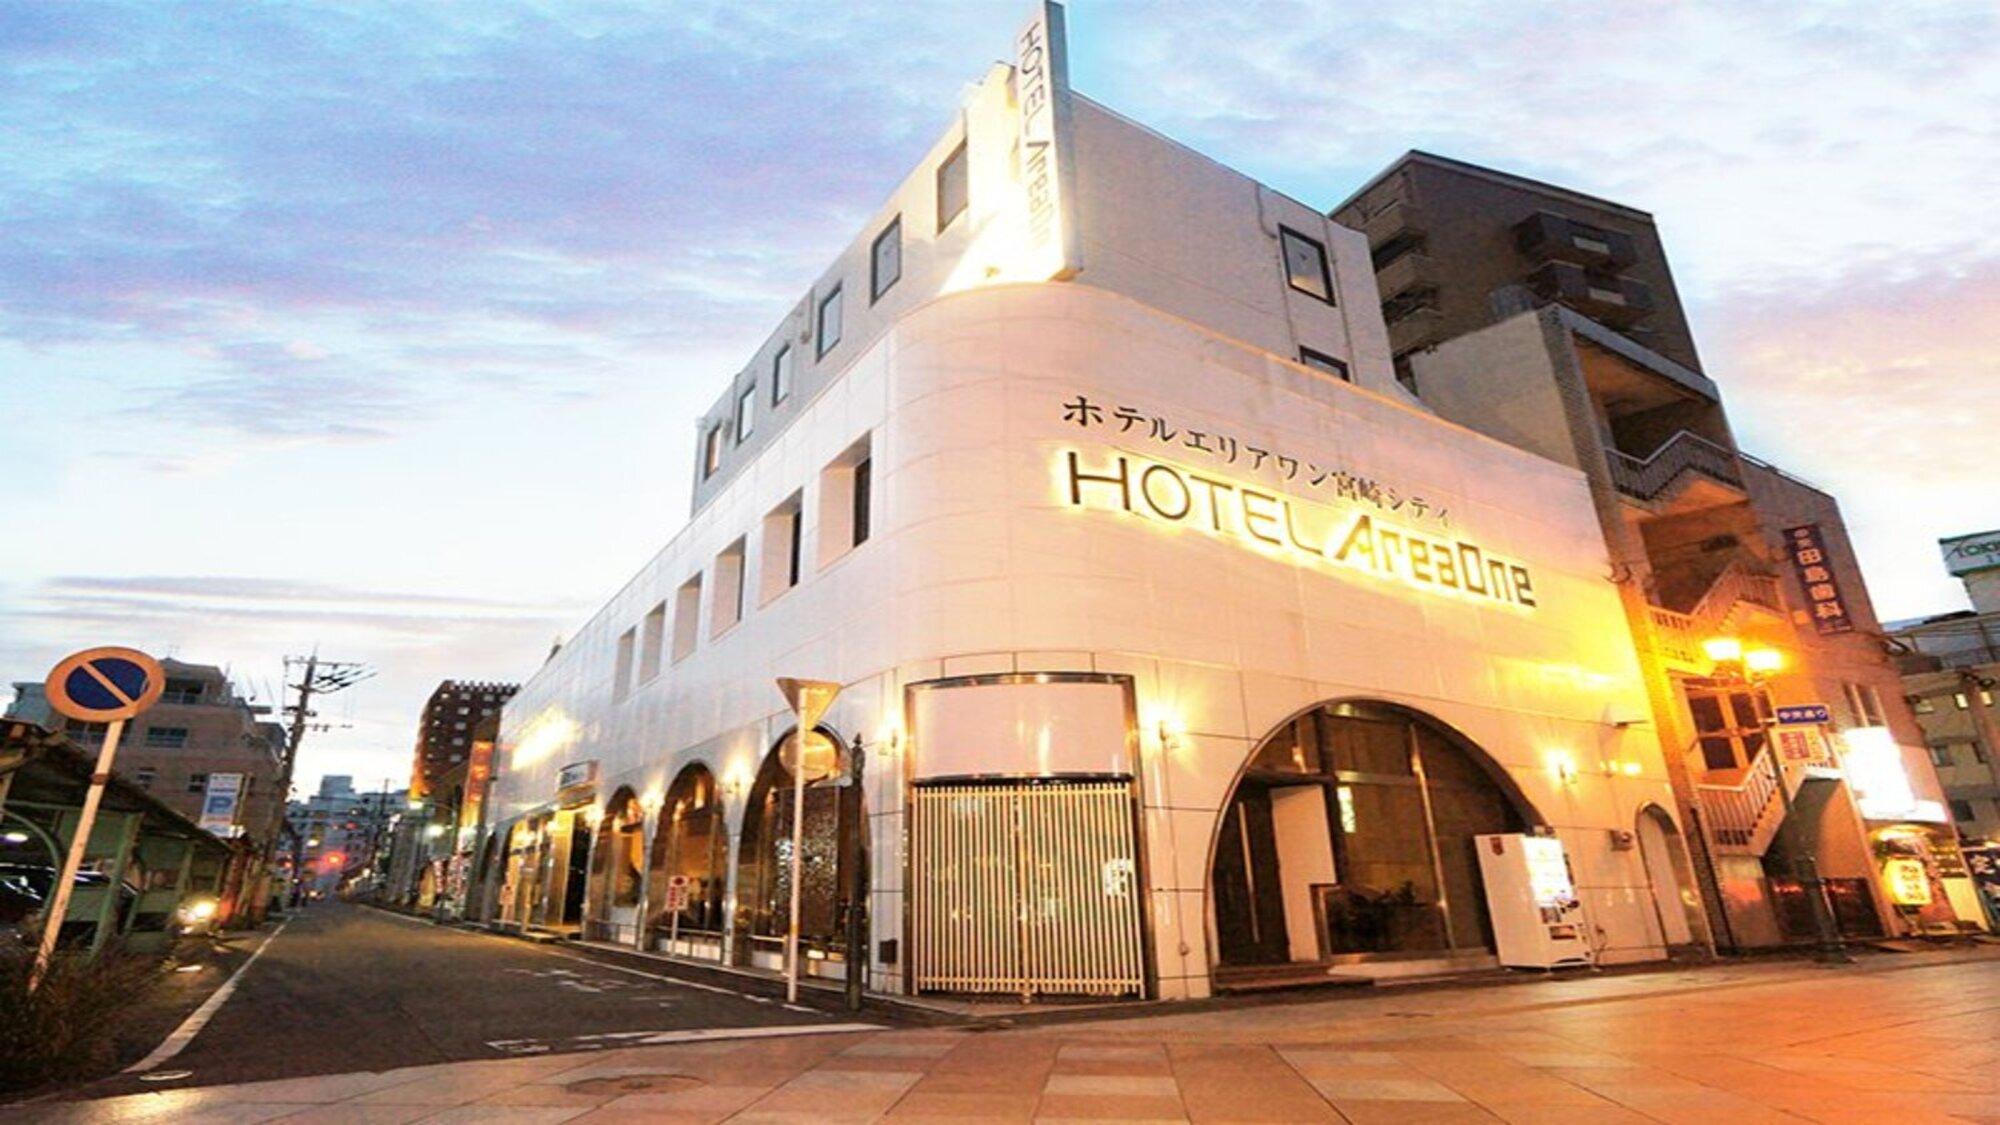 ホテルエリアワン宮崎シティ(HOTEL Areaone)の施設画像